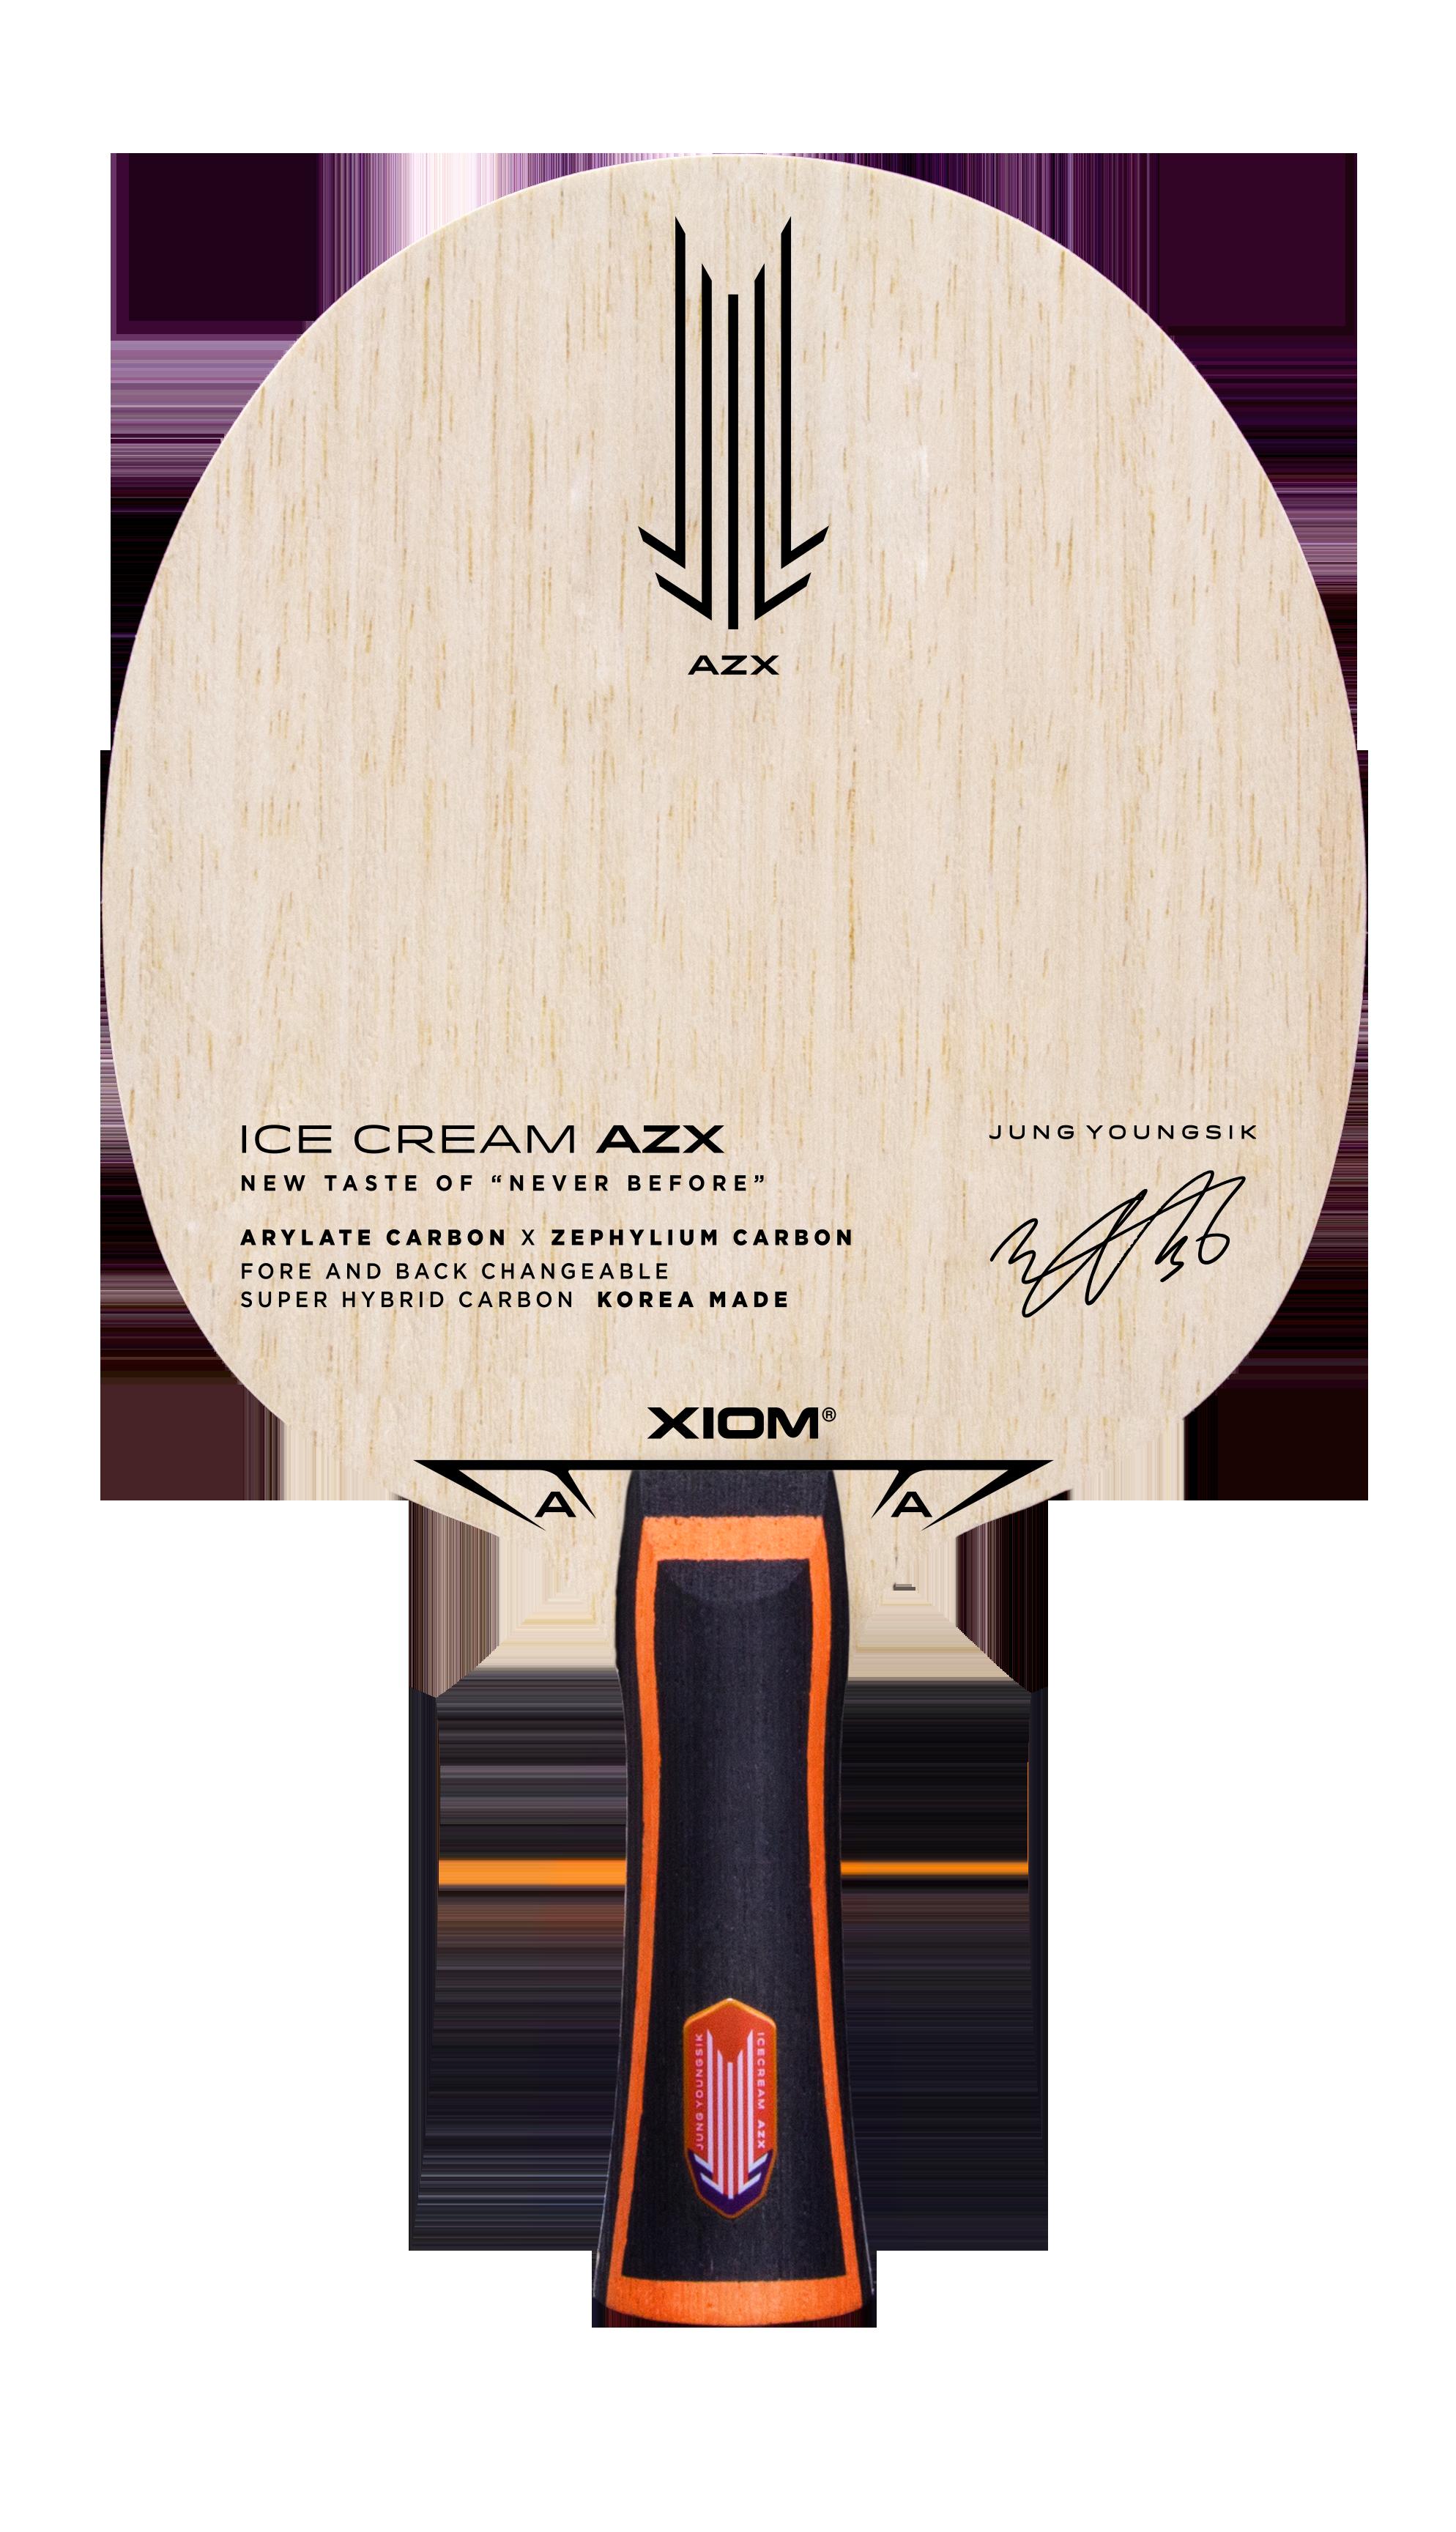 ICE CREAM AZX